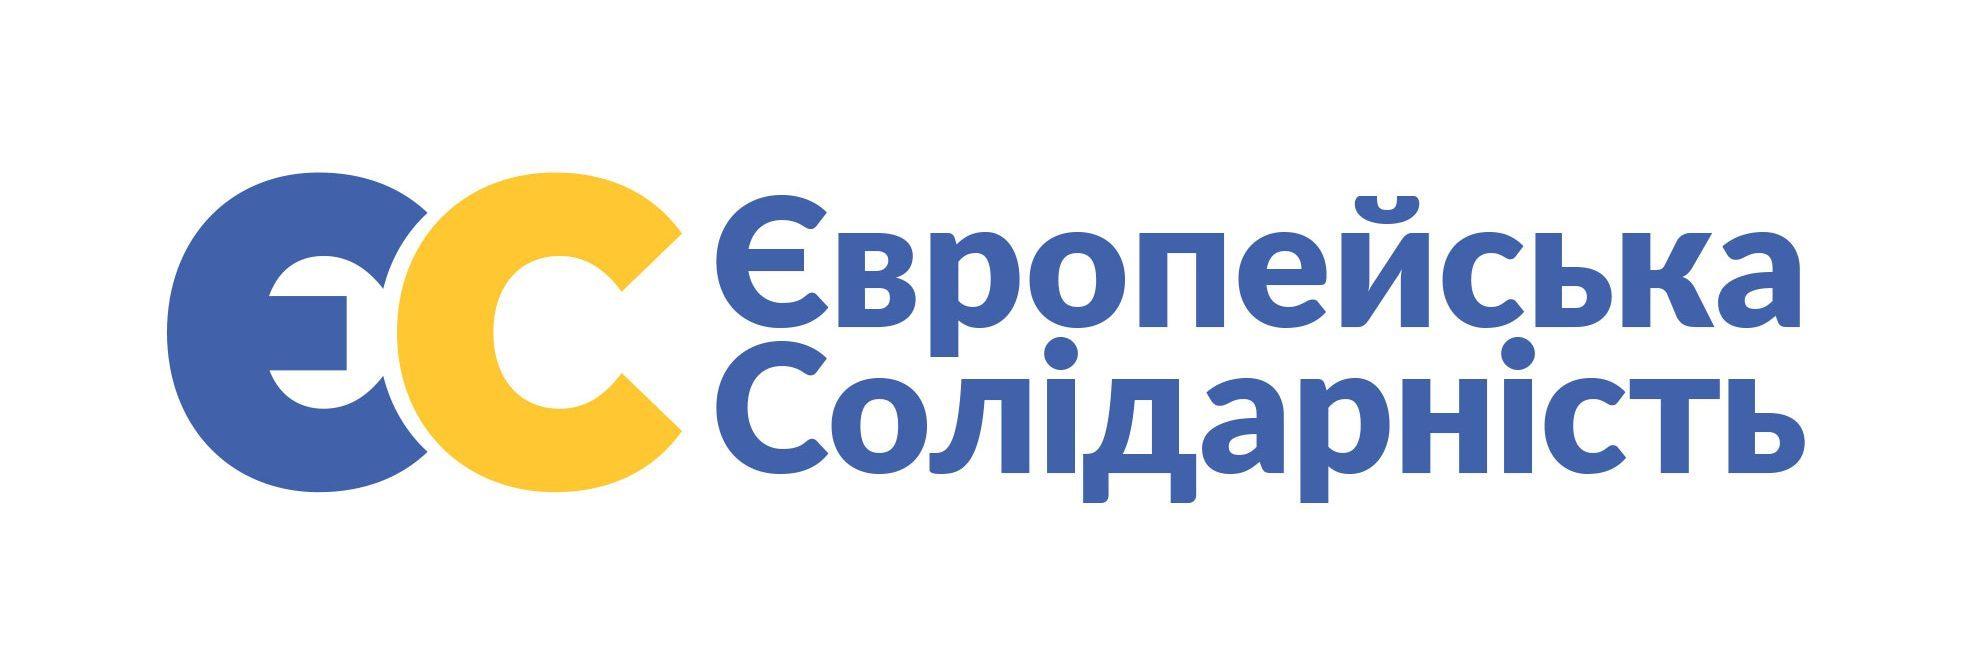 Європейська Солідарність – Івано-Франківська територіальна організація